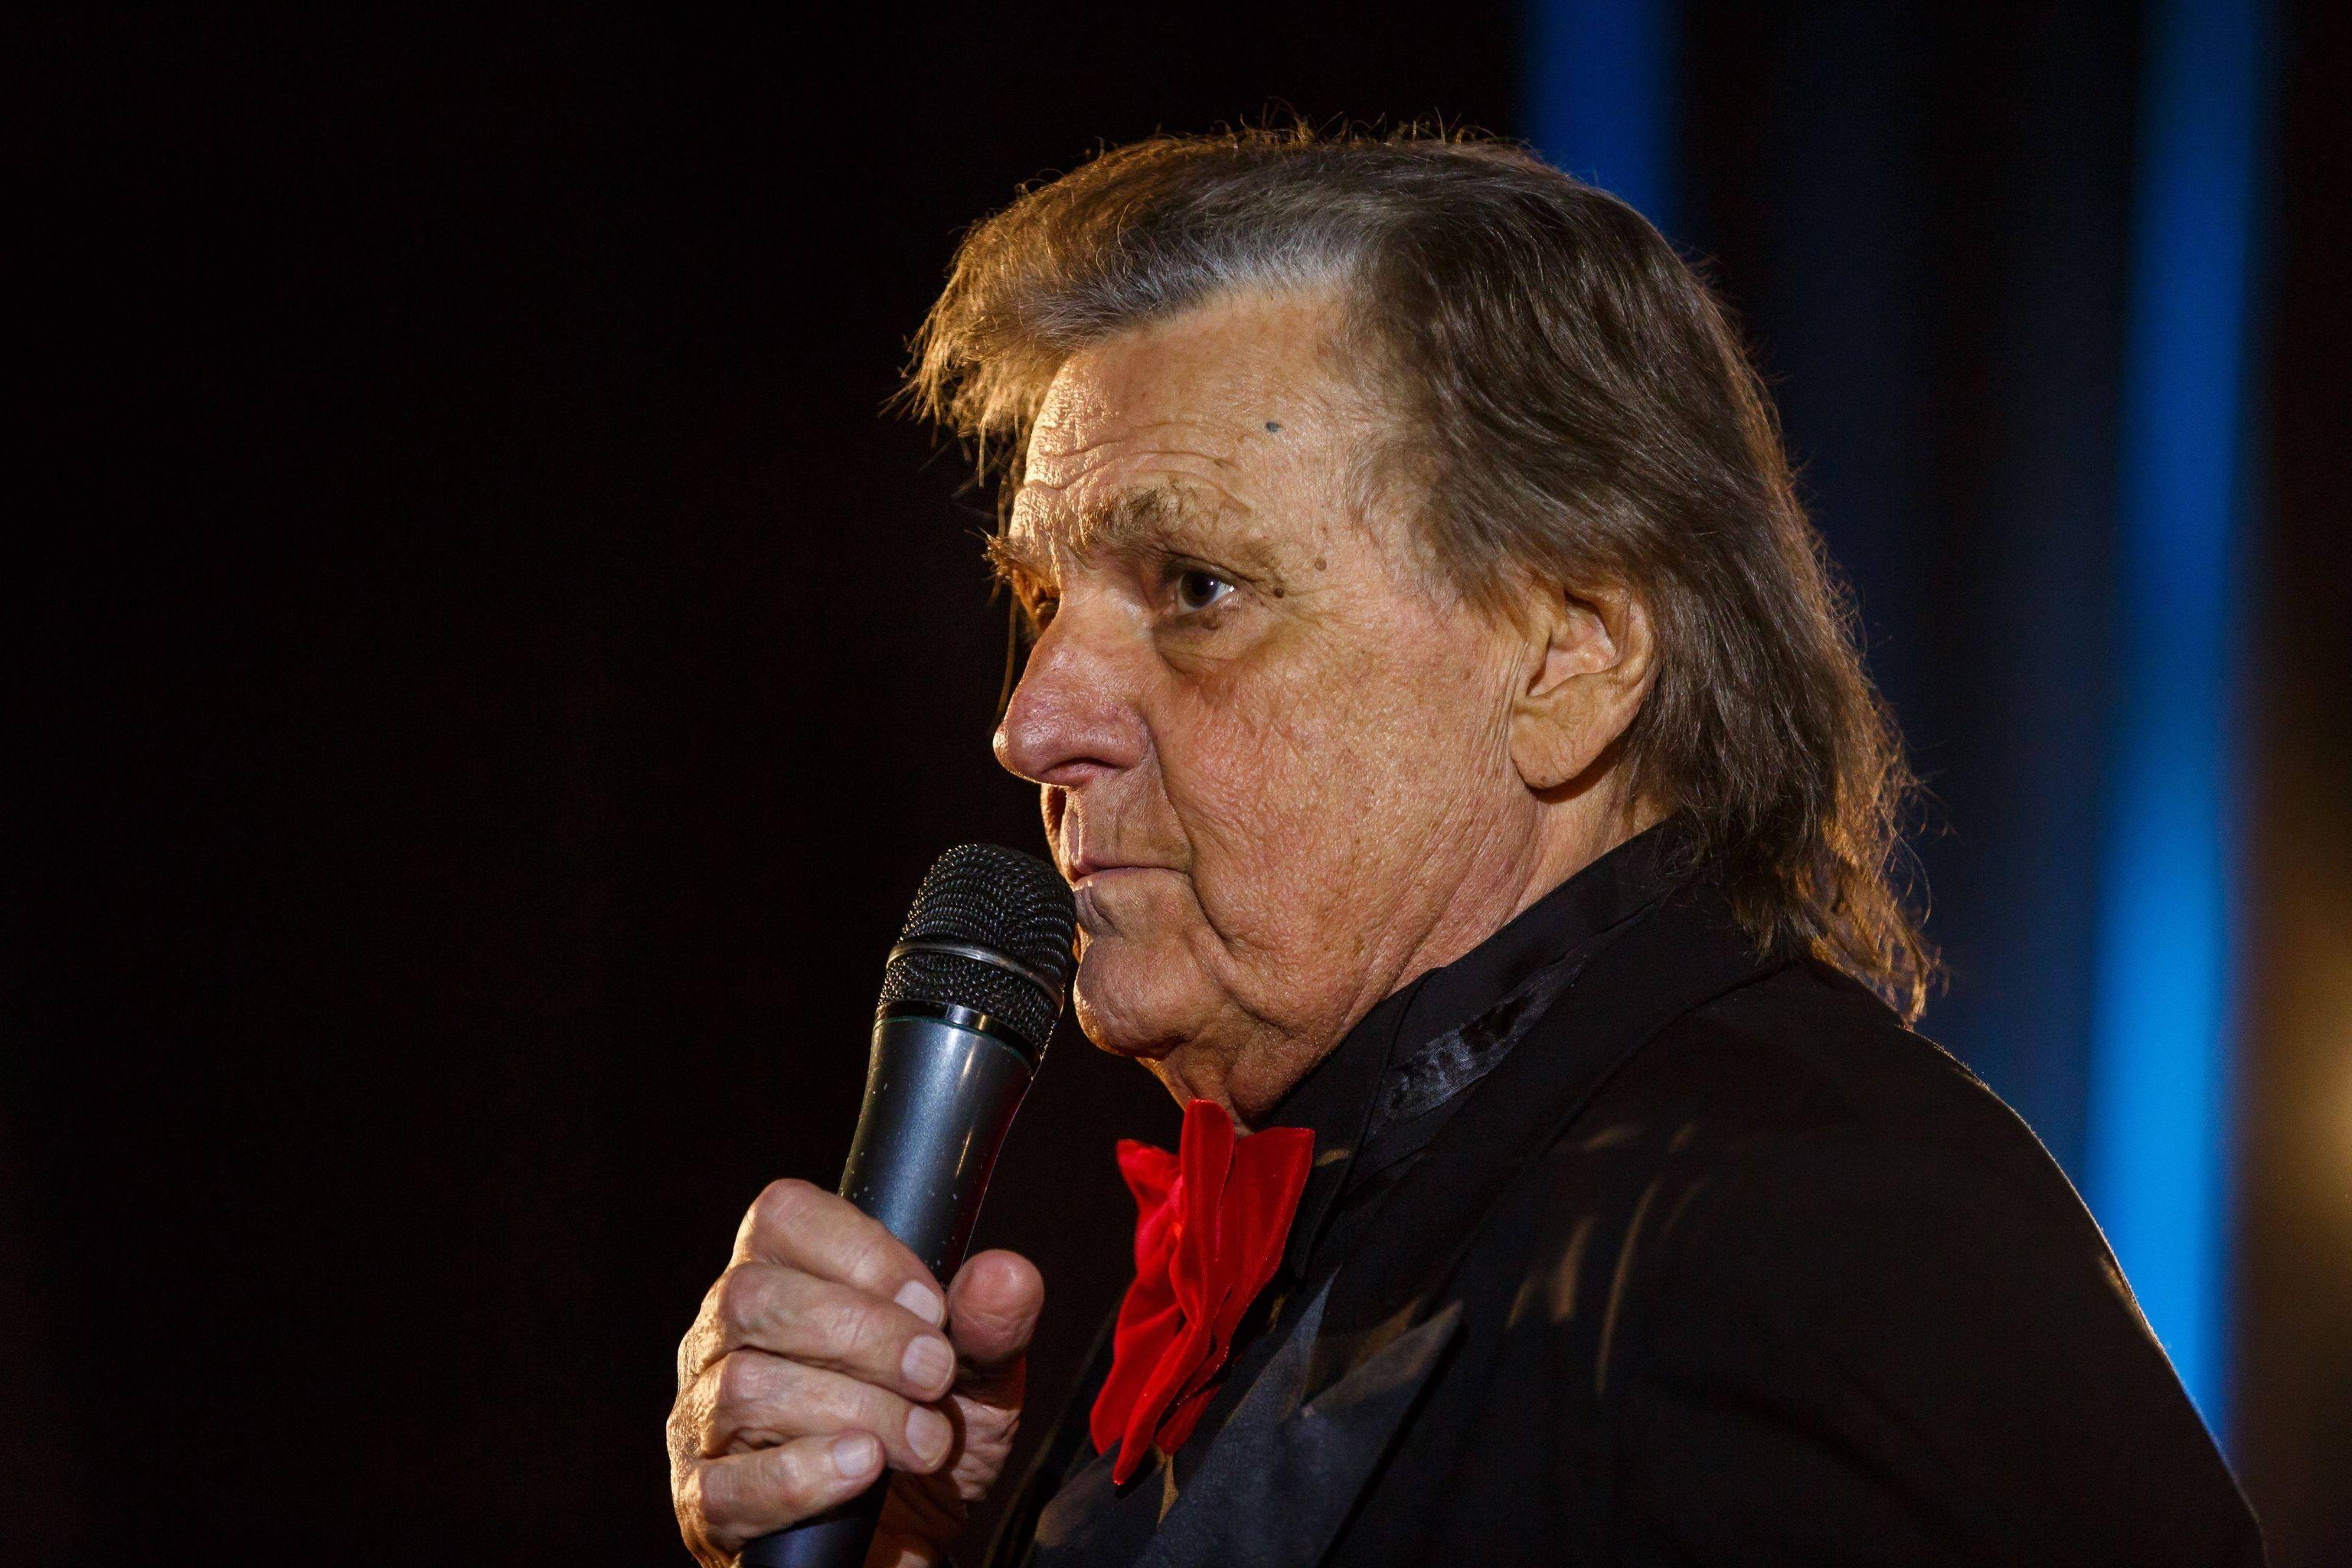 Florin Piersic, pe scenă, purtând o haină neagră